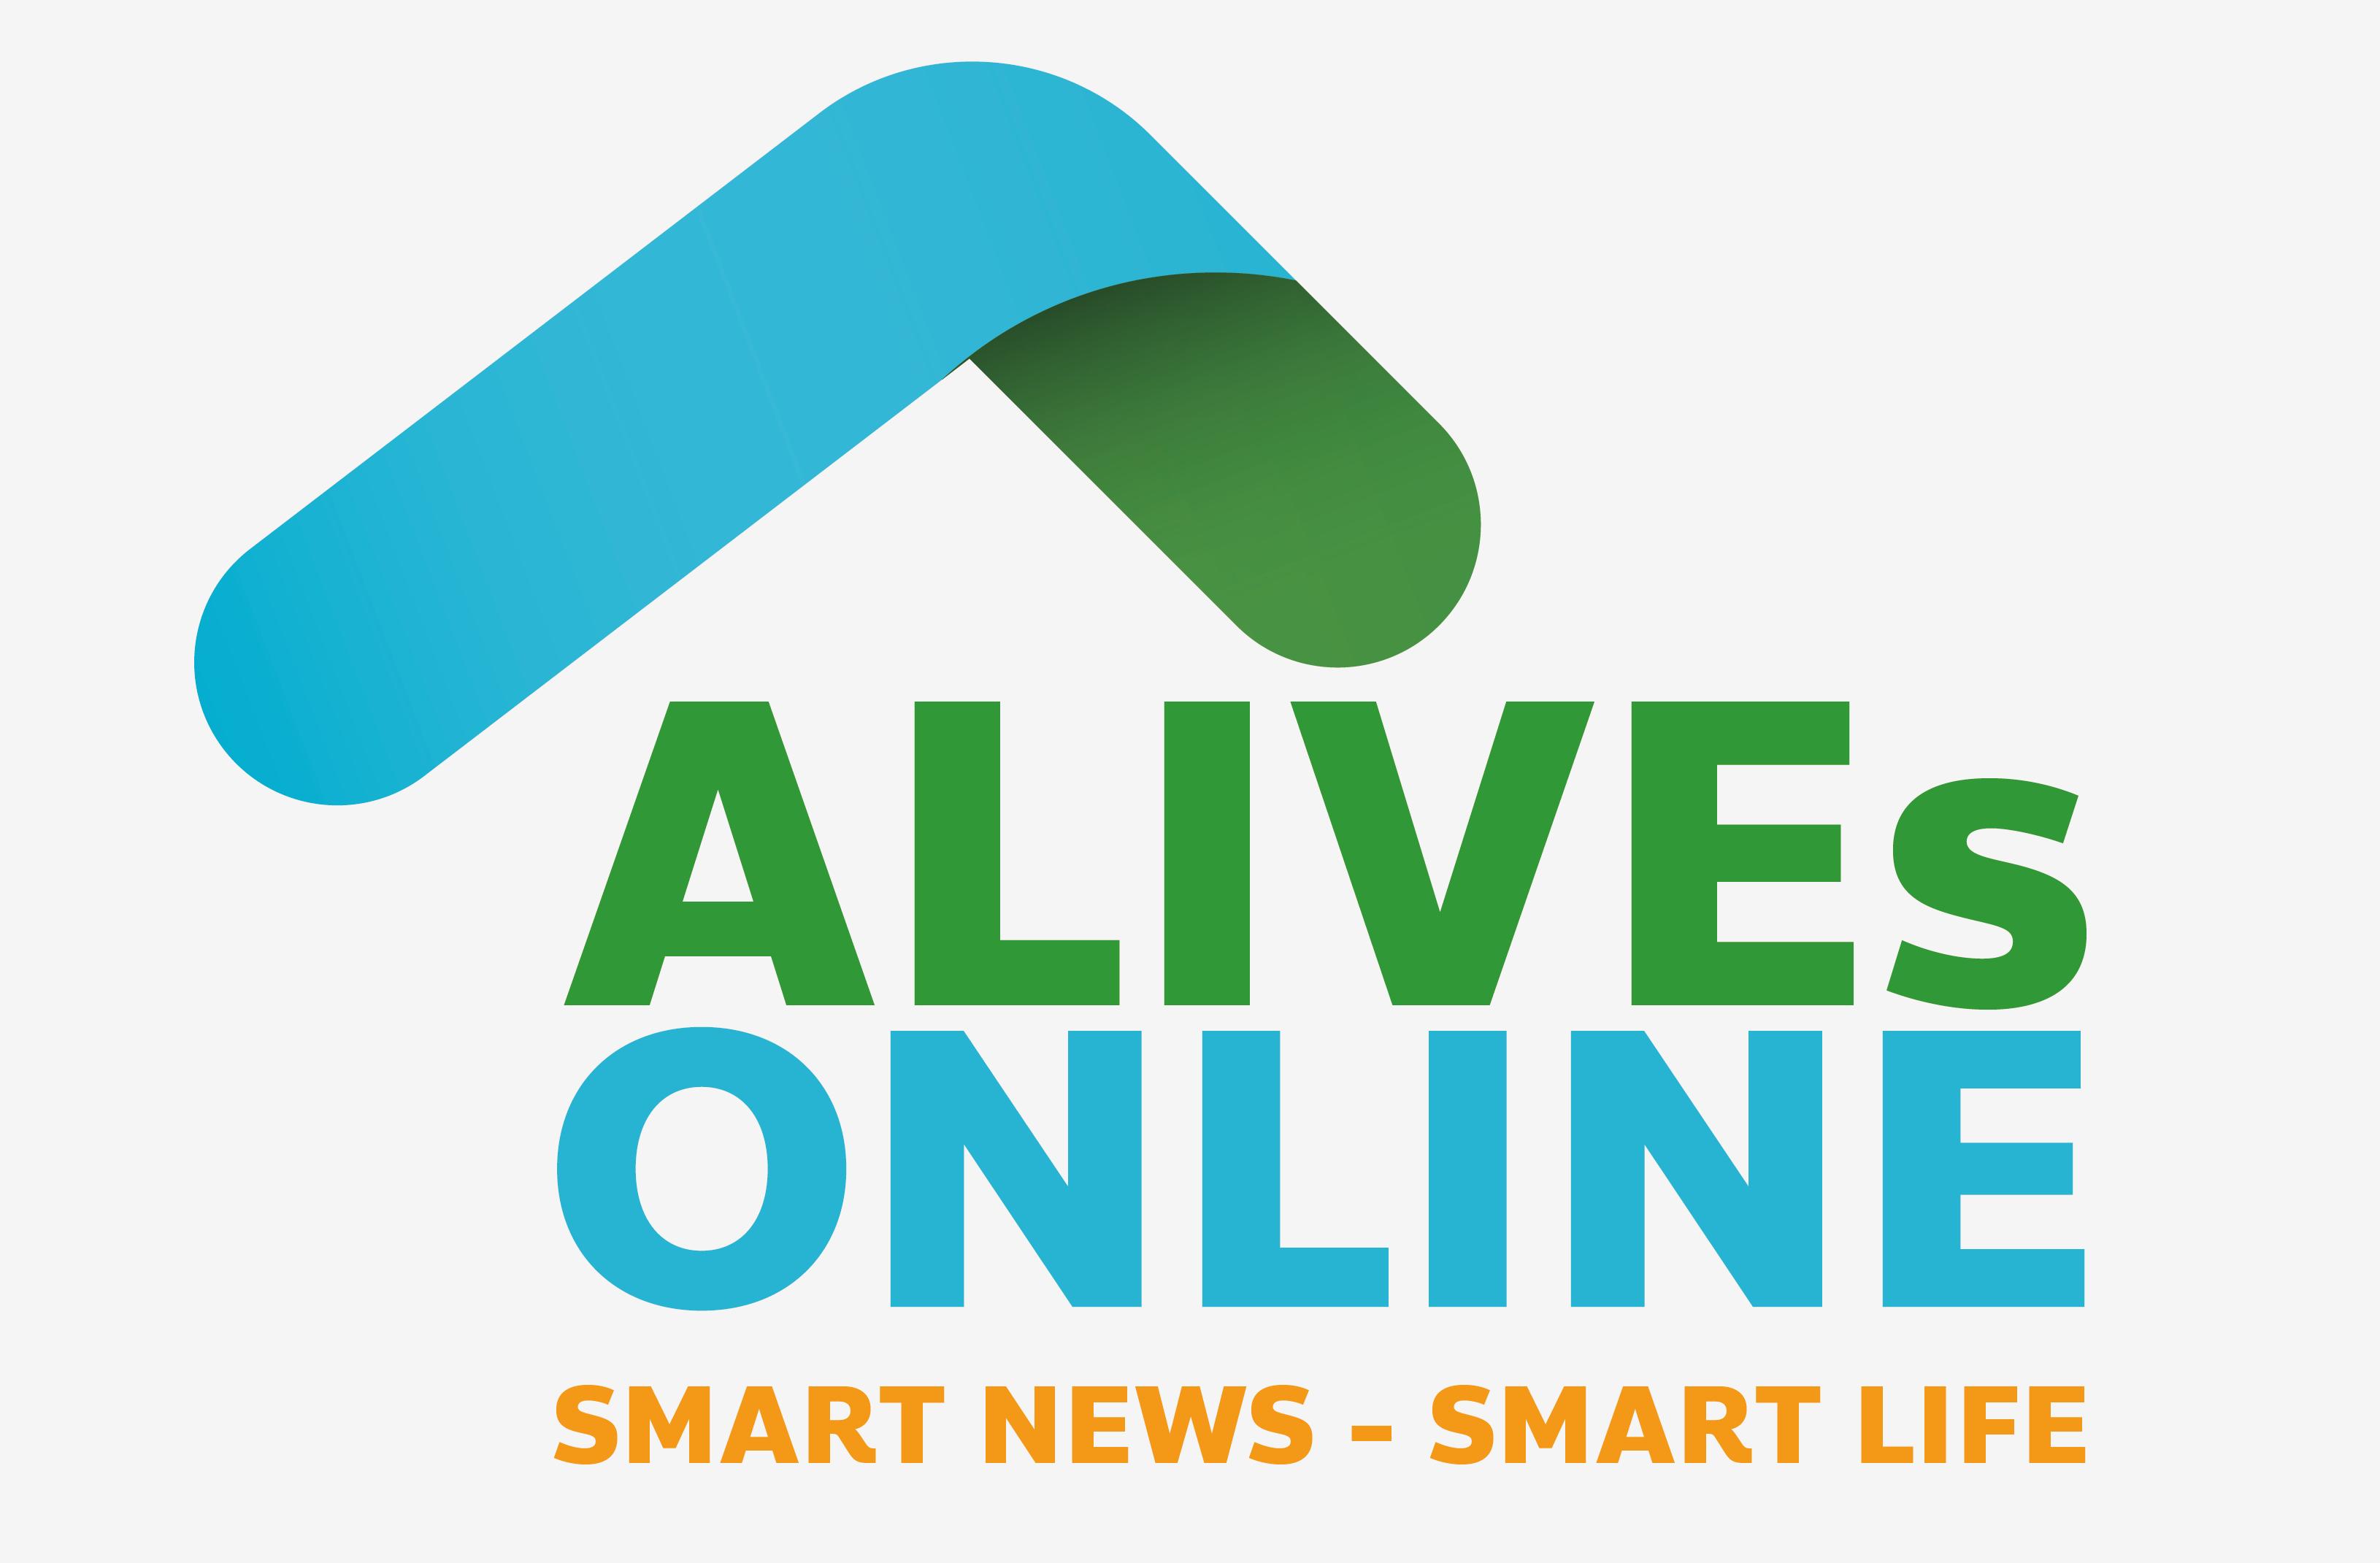 ALIVEsONLINE.com